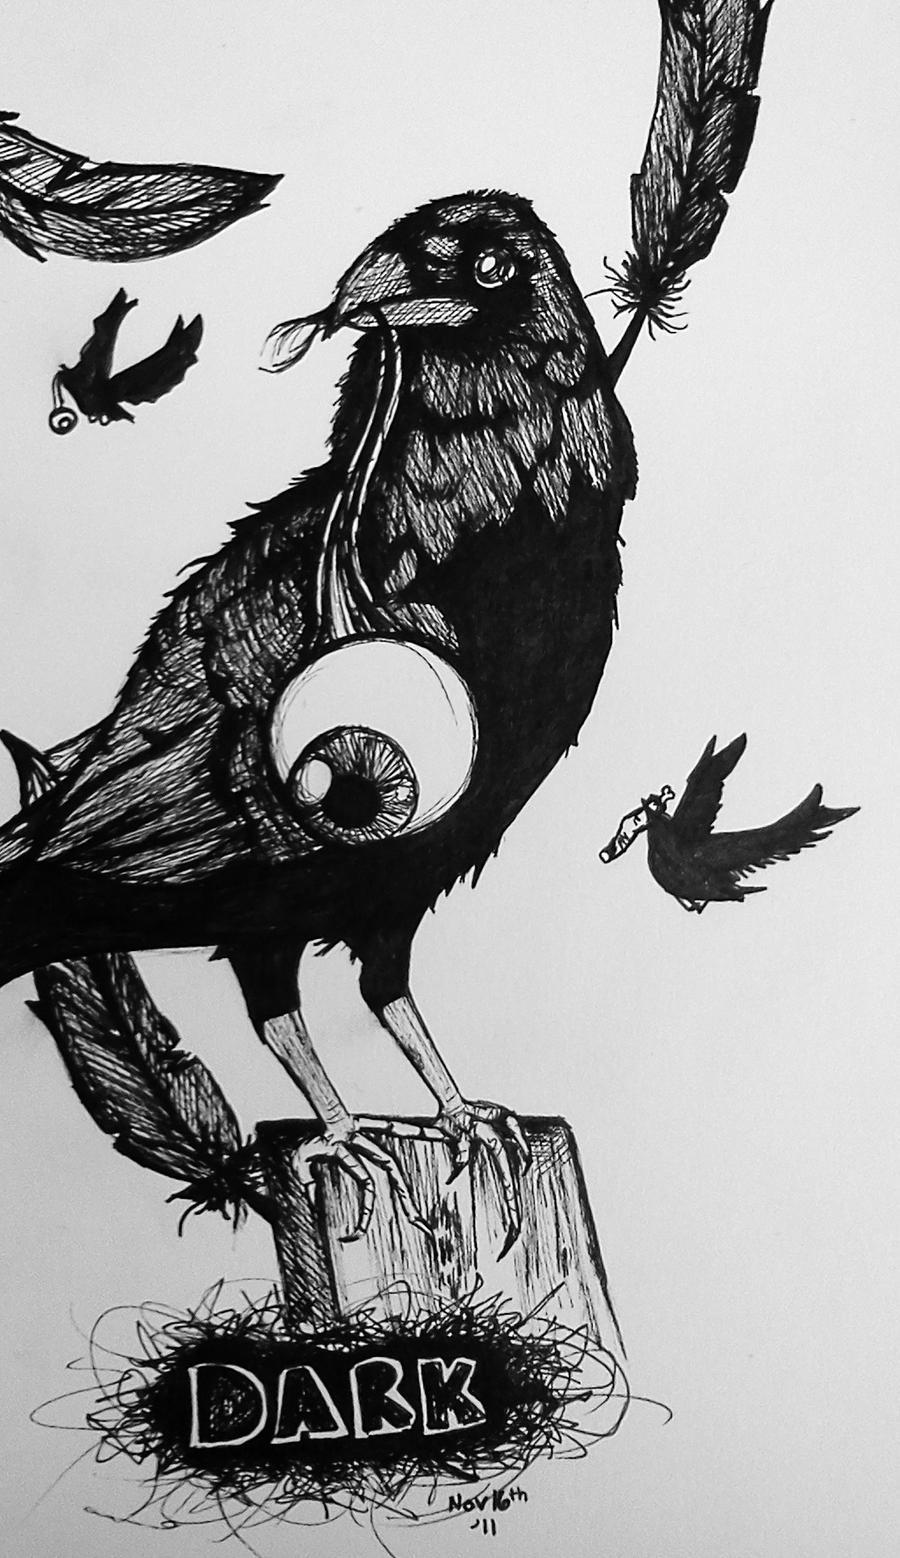 Dark, Crow by Benzi-Rae on DeviantArt